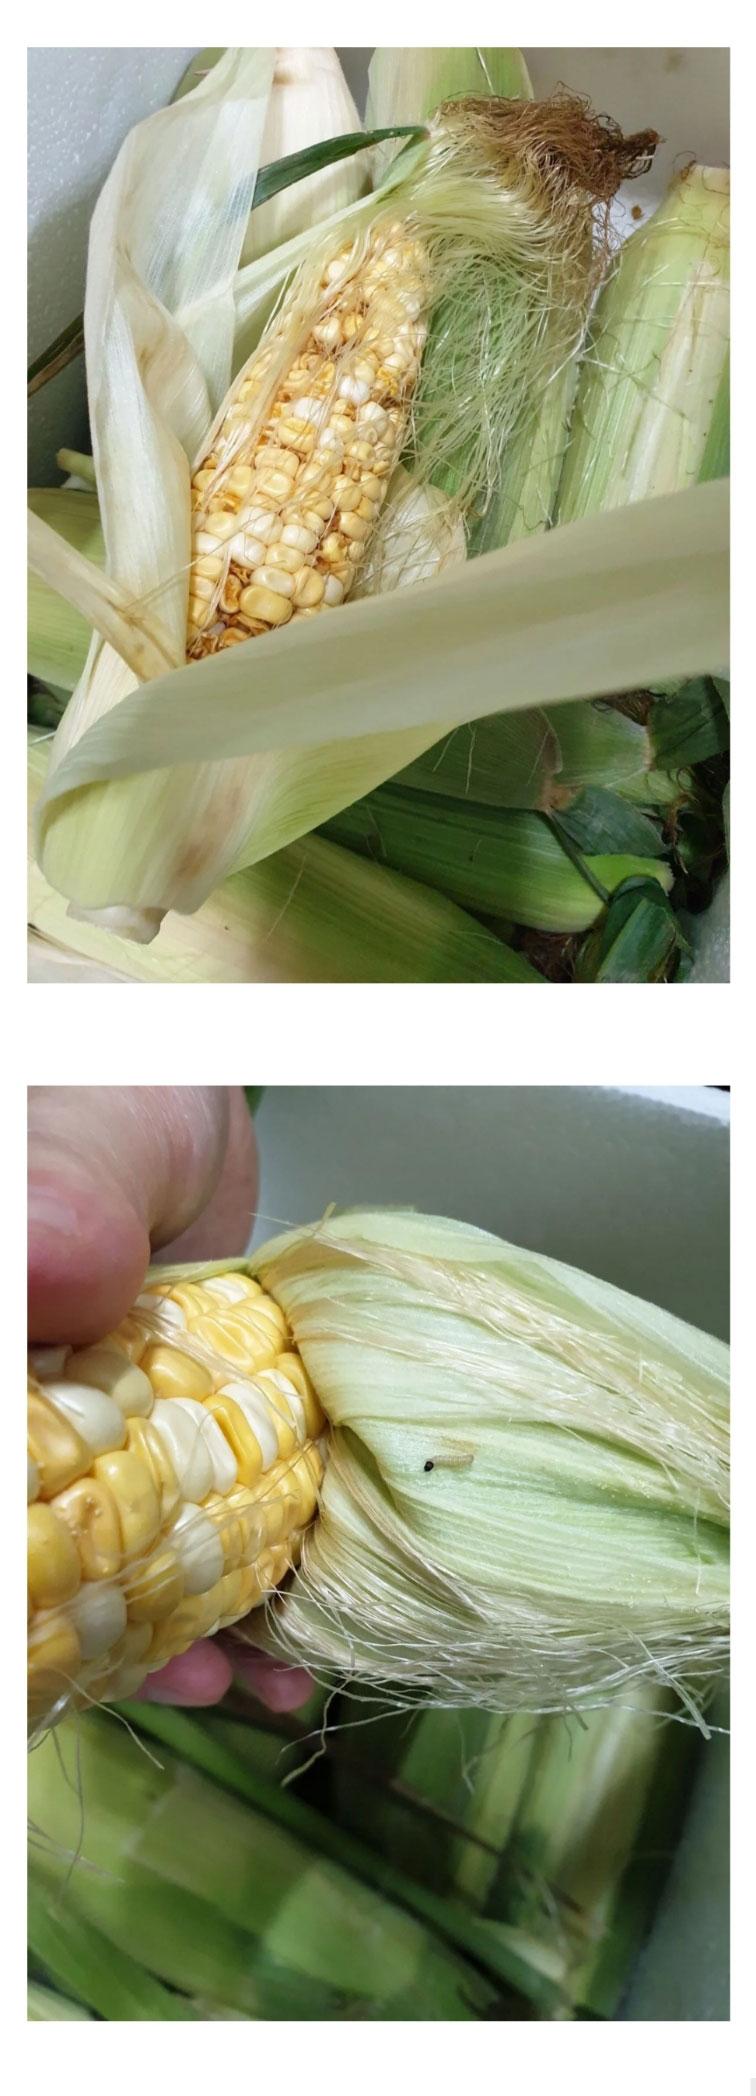 난리난 충주 농가돕기 옥수수 상태 - 꾸르